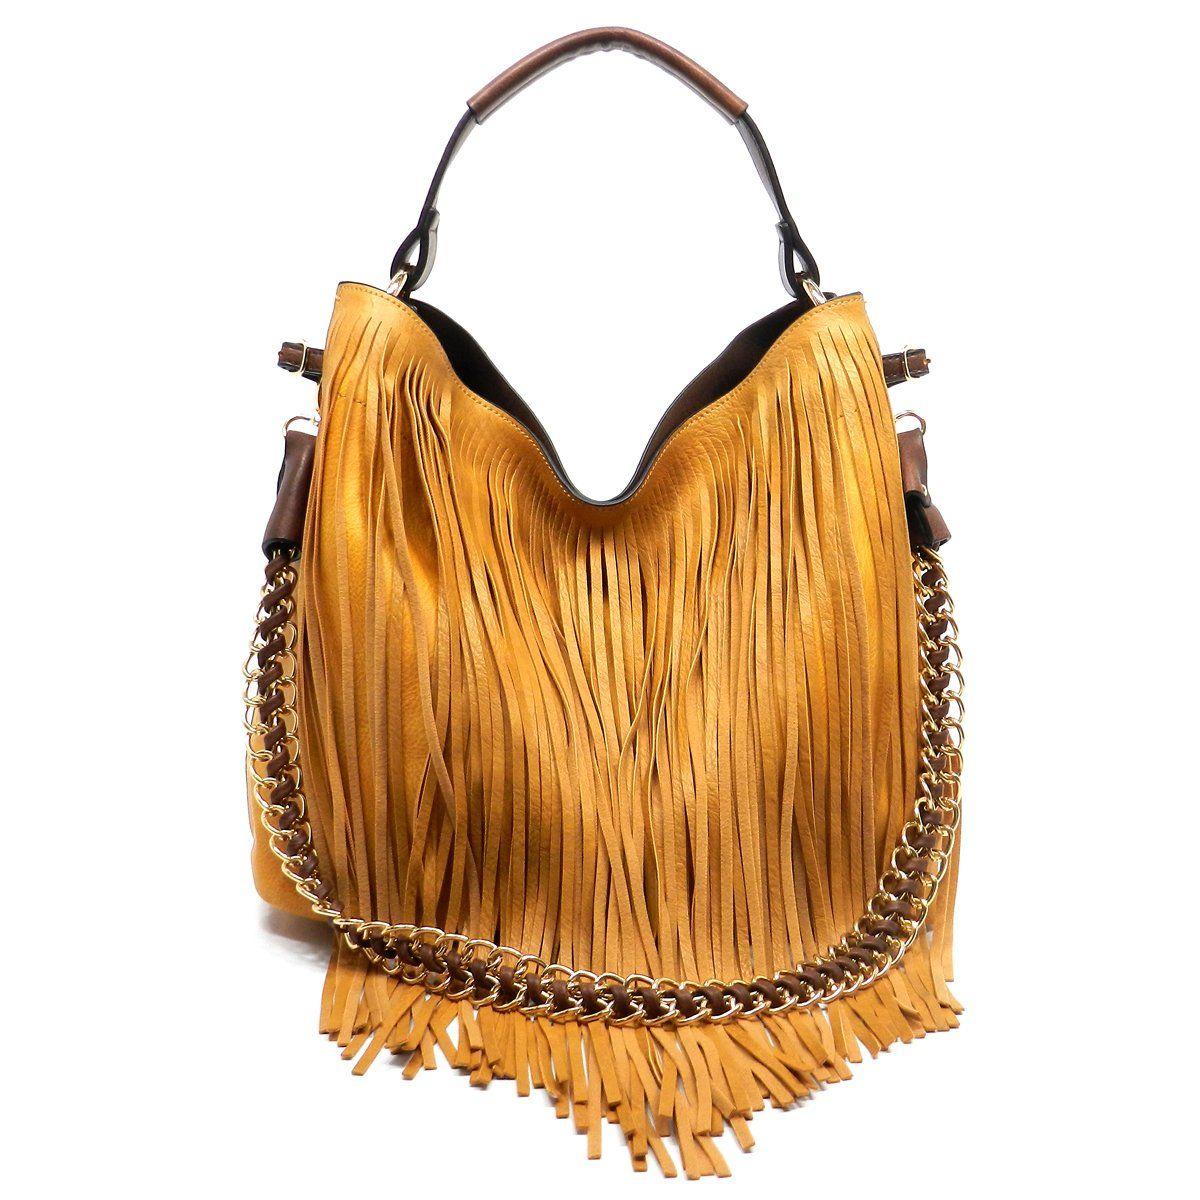 14265af56524 Bag) Fringe 2-1 Shoulder Bag in Mustard